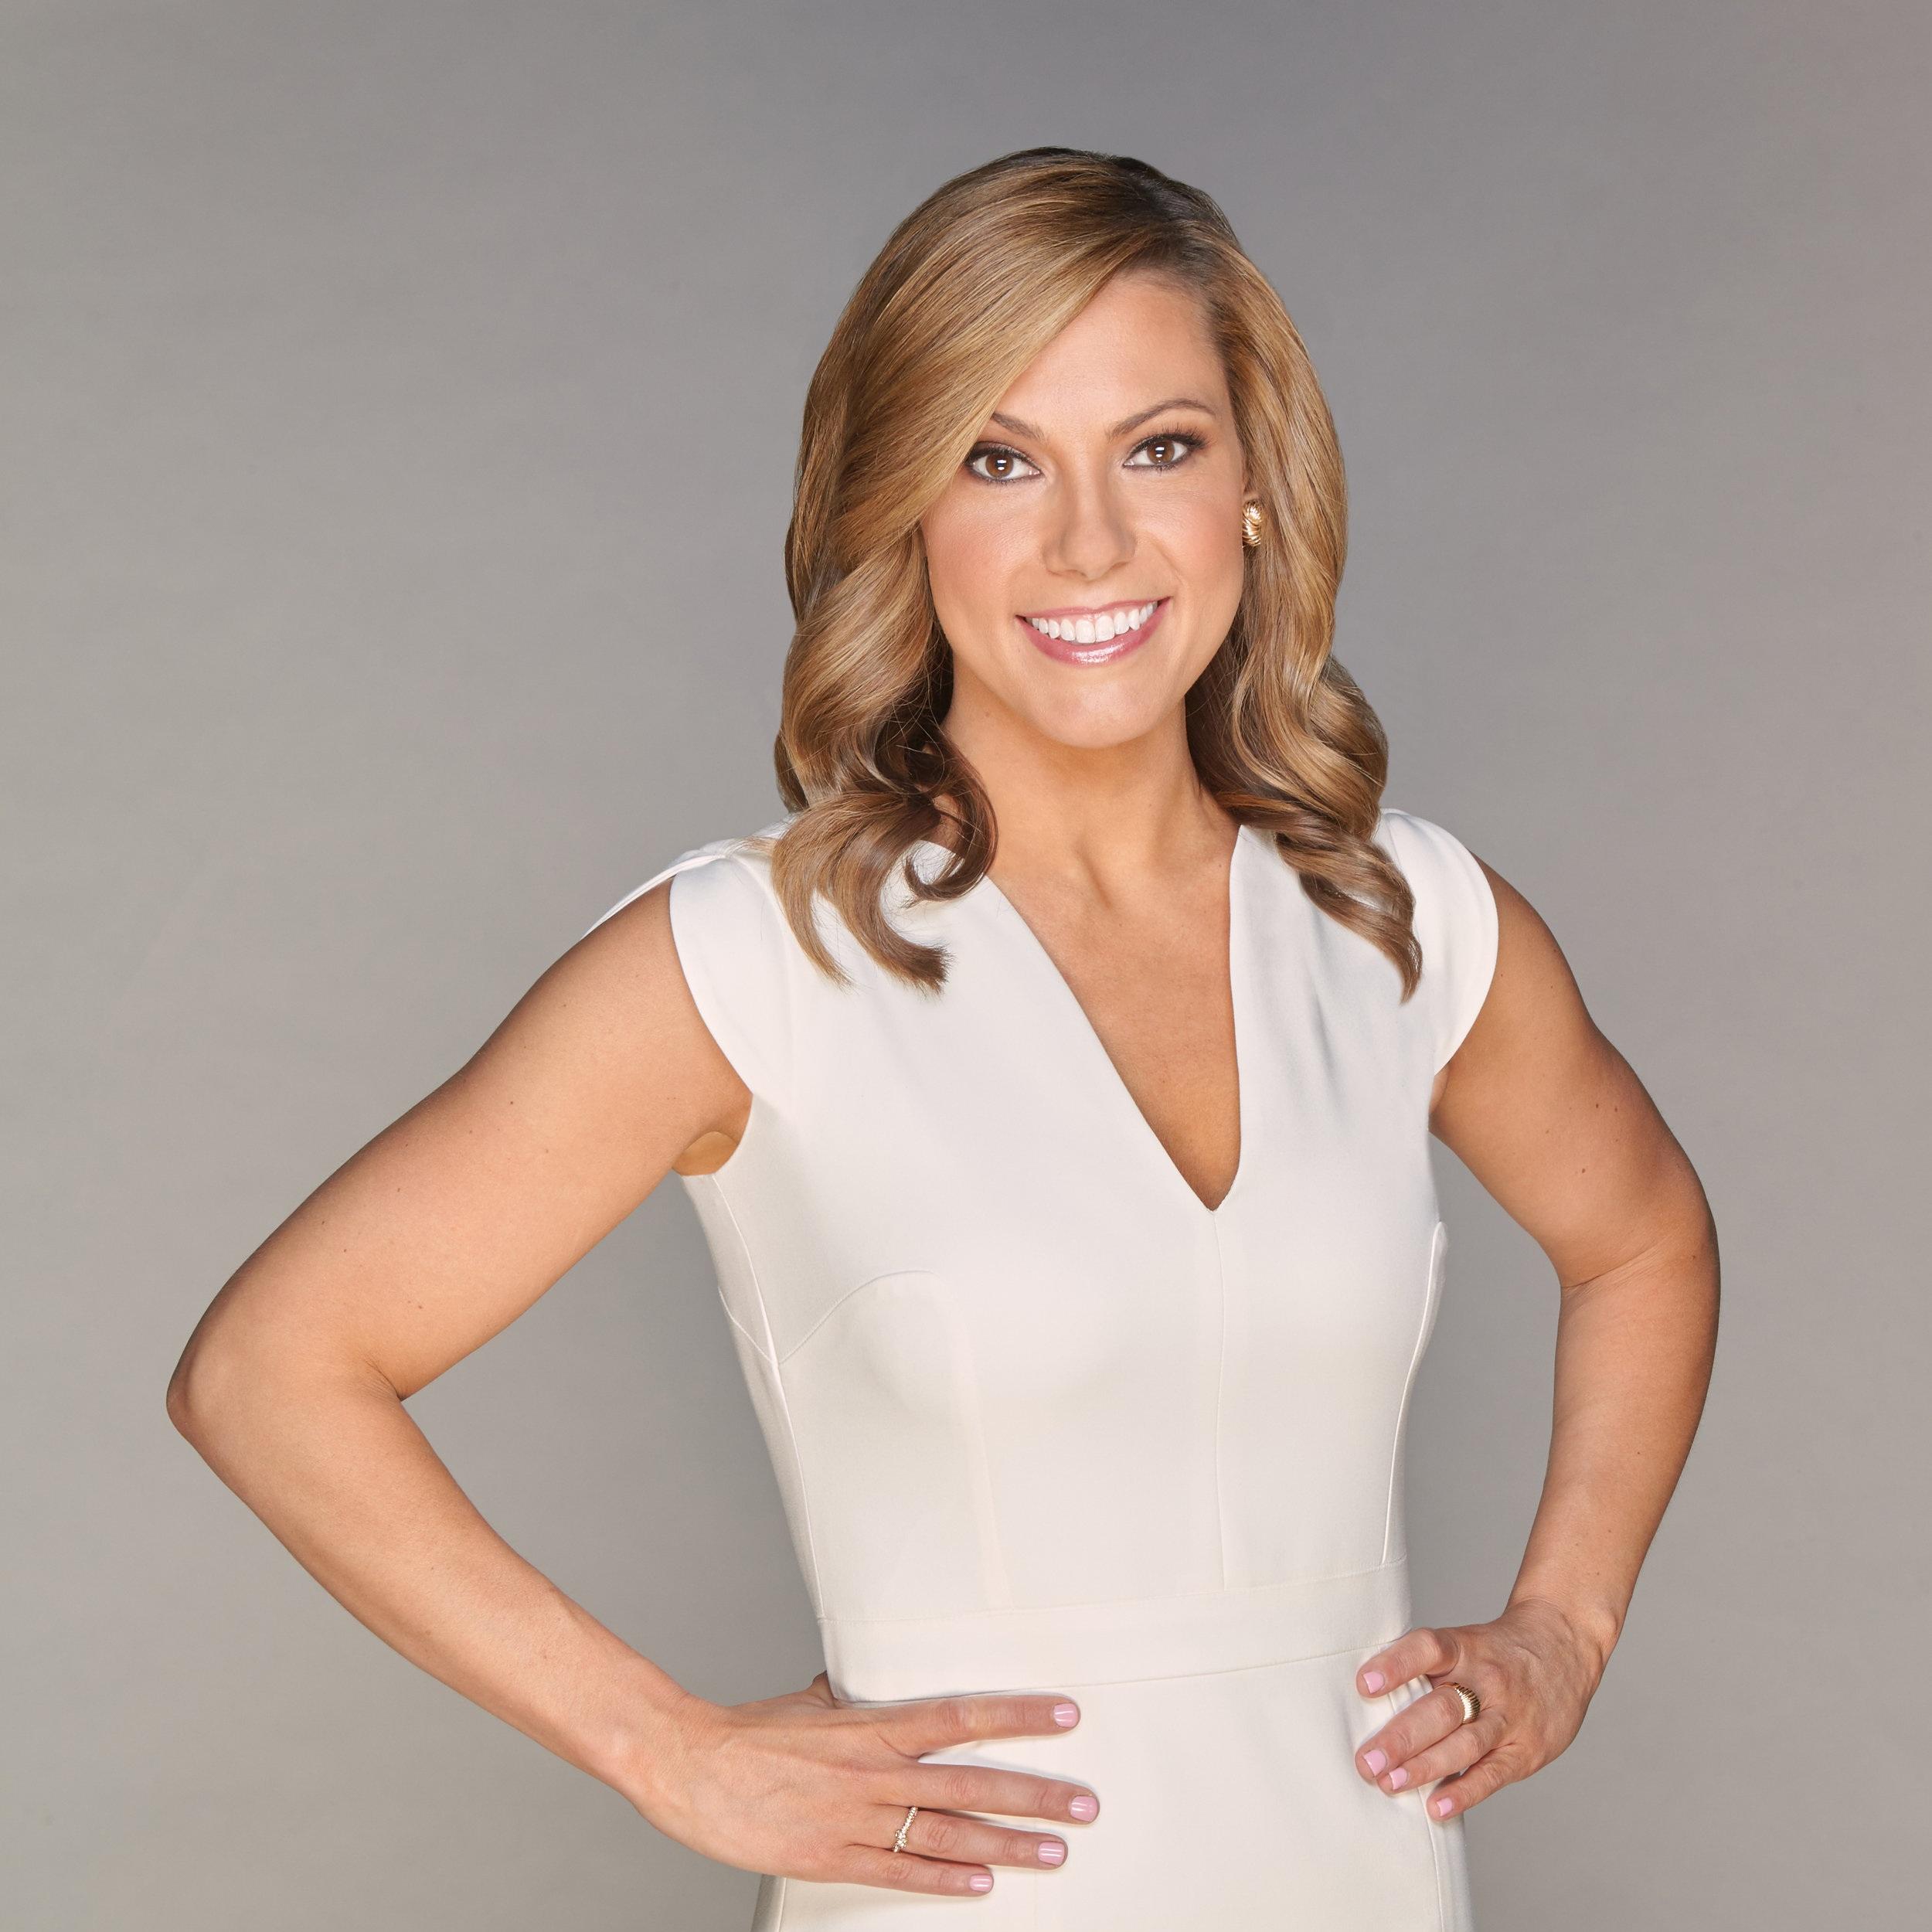 Lisa Boothe - FOX NEWS CONTRIBUTOR